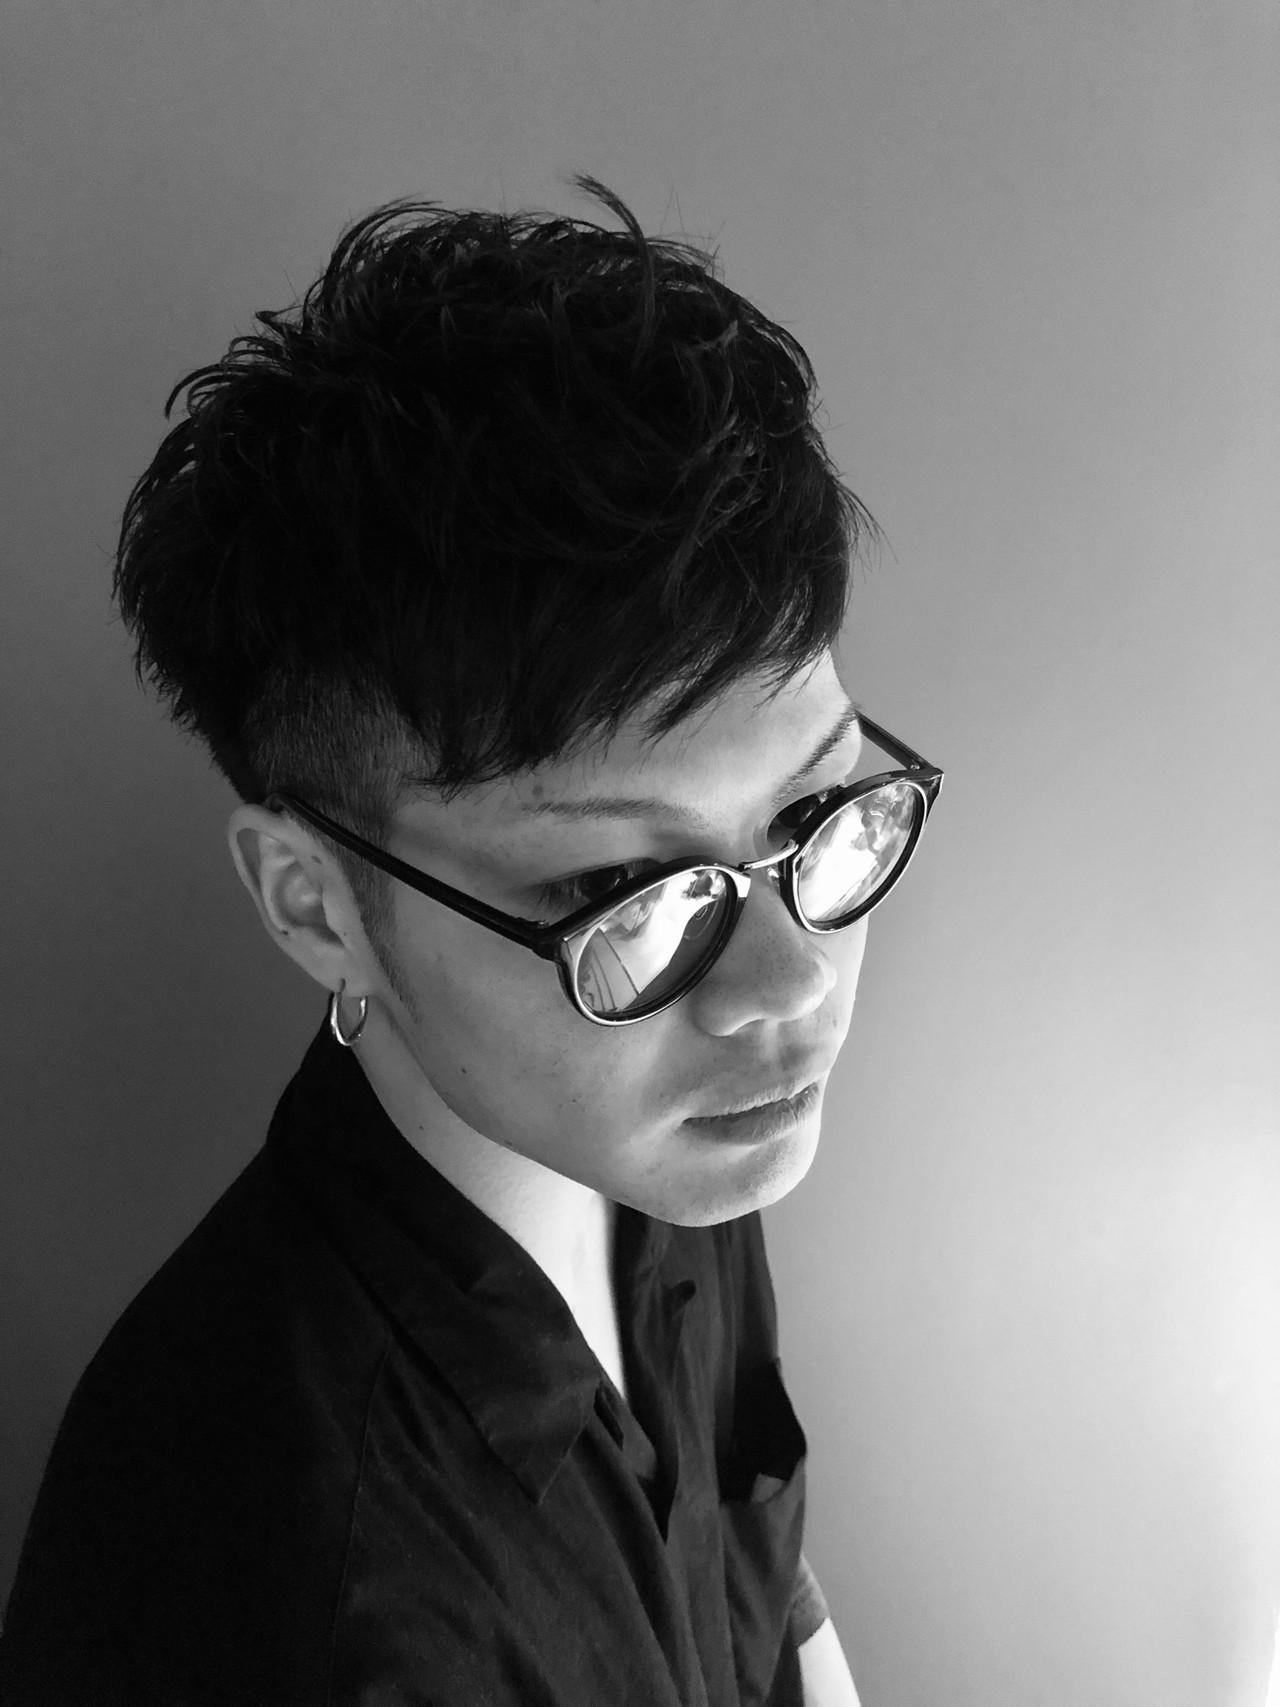 ナチュラル メンズカット メンズヘア ショート ヘアスタイルや髪型の写真・画像 | メンズカット専門 NAKAMINE RYOMA / Men's grooming salon Aoyama